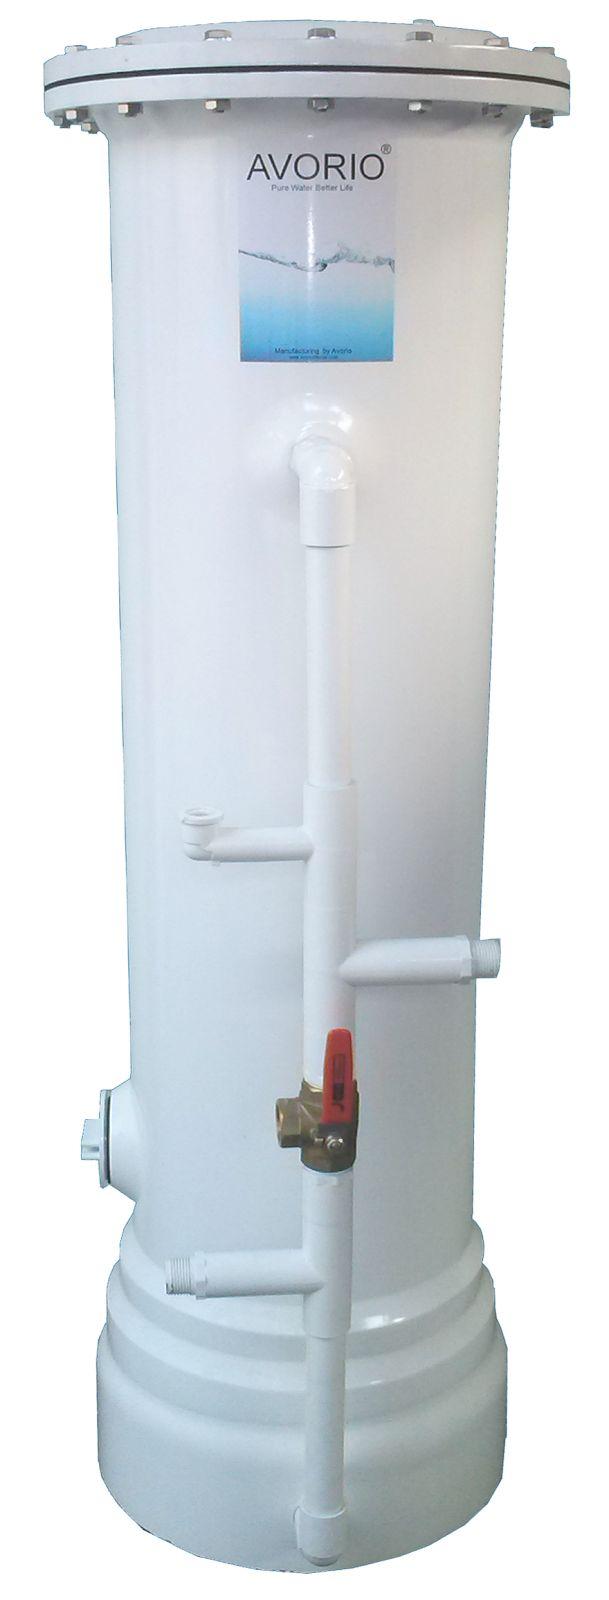 Purator kali ini menjadi sebuah pelopor baru dalam filter air berbahan dasar tabung PVC karena harga yang dimiliki oleh PURATOR jauh lebih murah dan dengan kualitas penyaringan masih nomor satu seperti beberapa tahun silam.